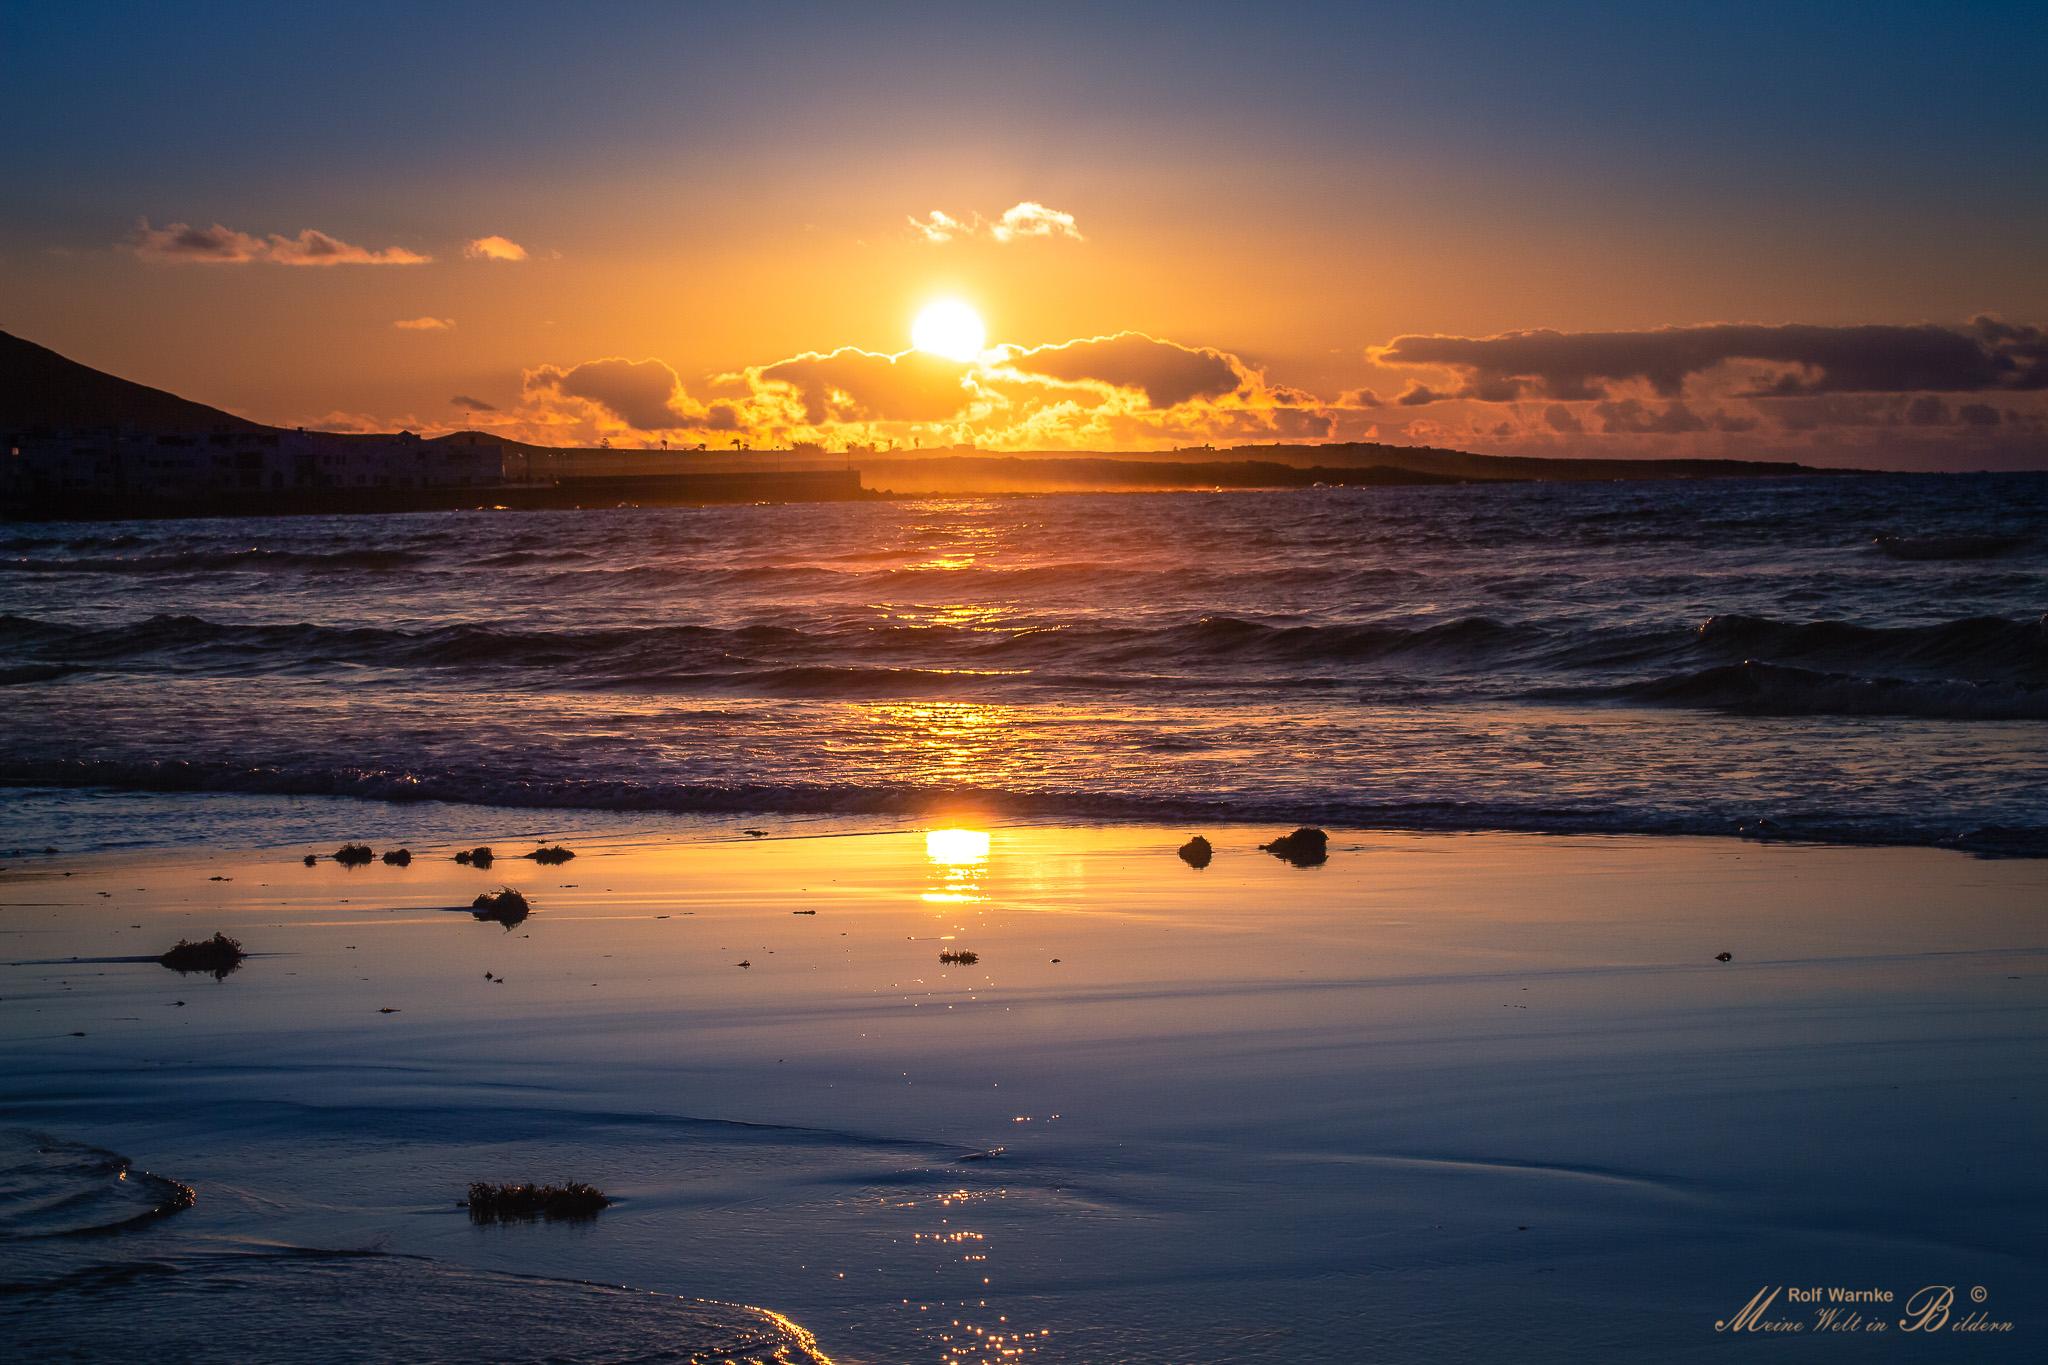 Playa del Famara, Spain